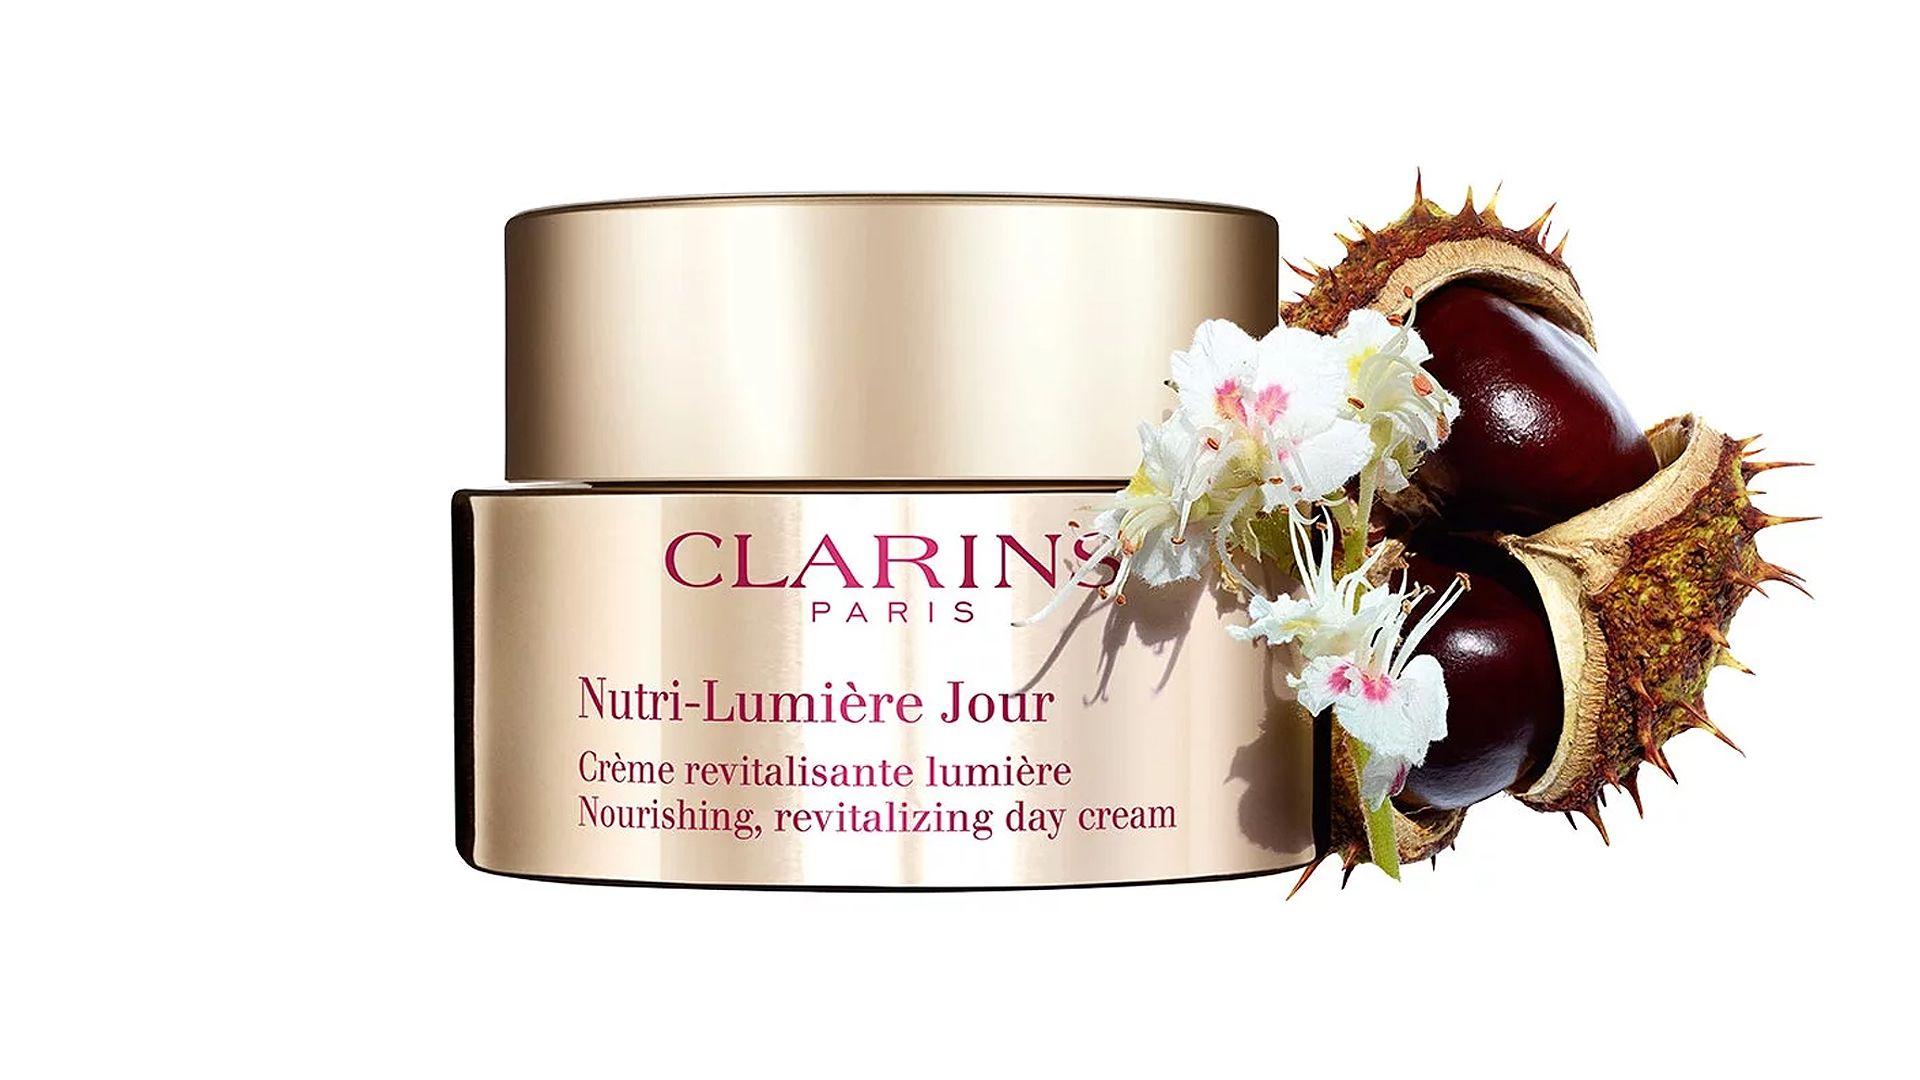 Clarins - Nutri-Lumière Jour Arcápoló